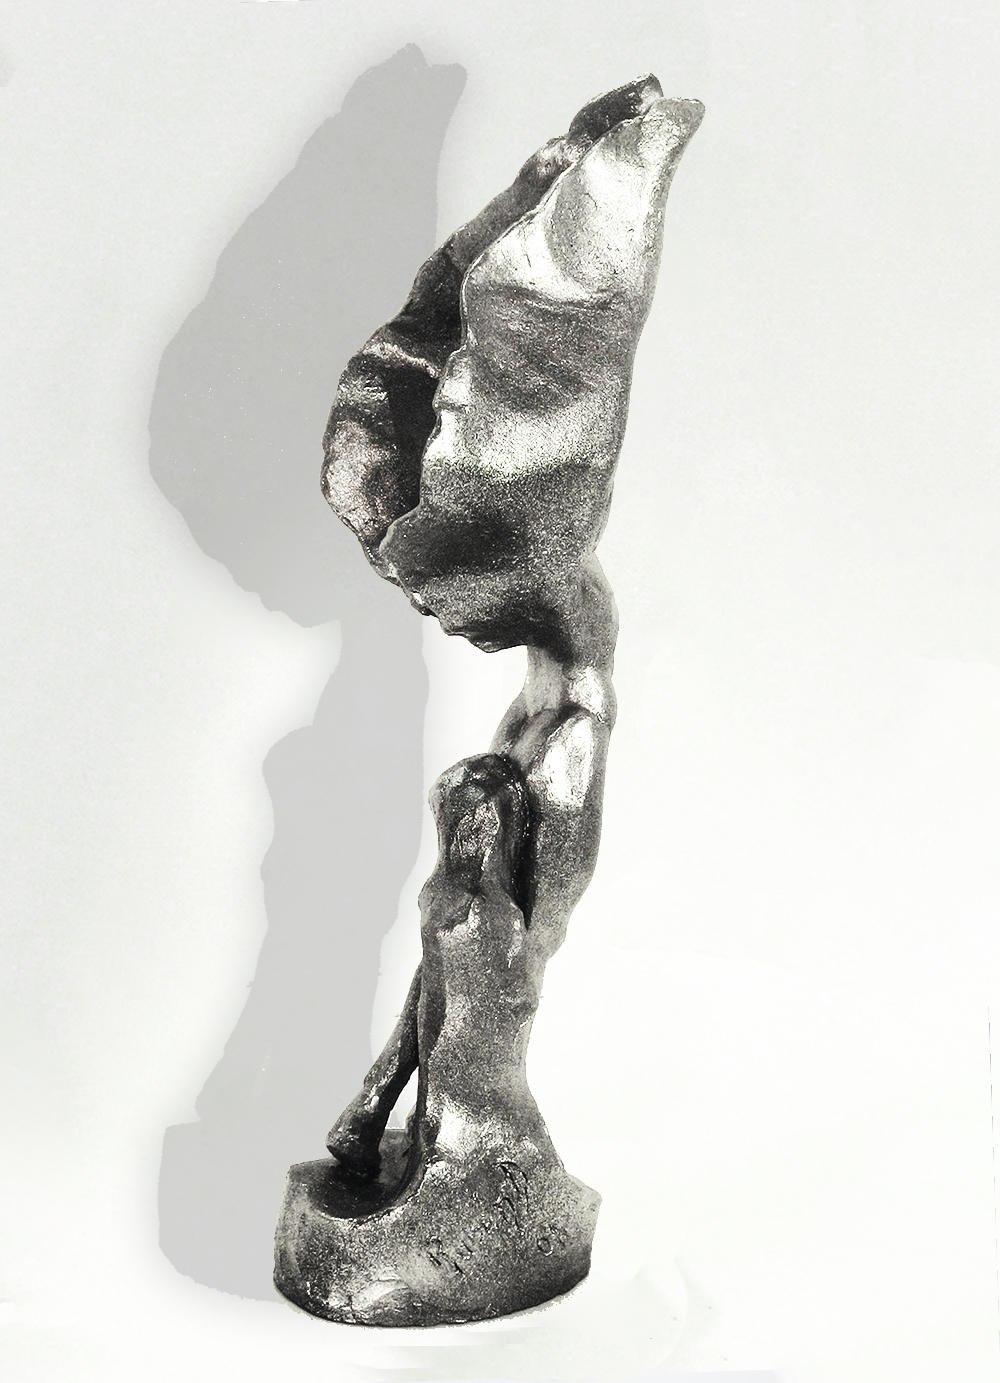 Escultura-Arcangel-C-Figurativo-Realista-RD.Escultor